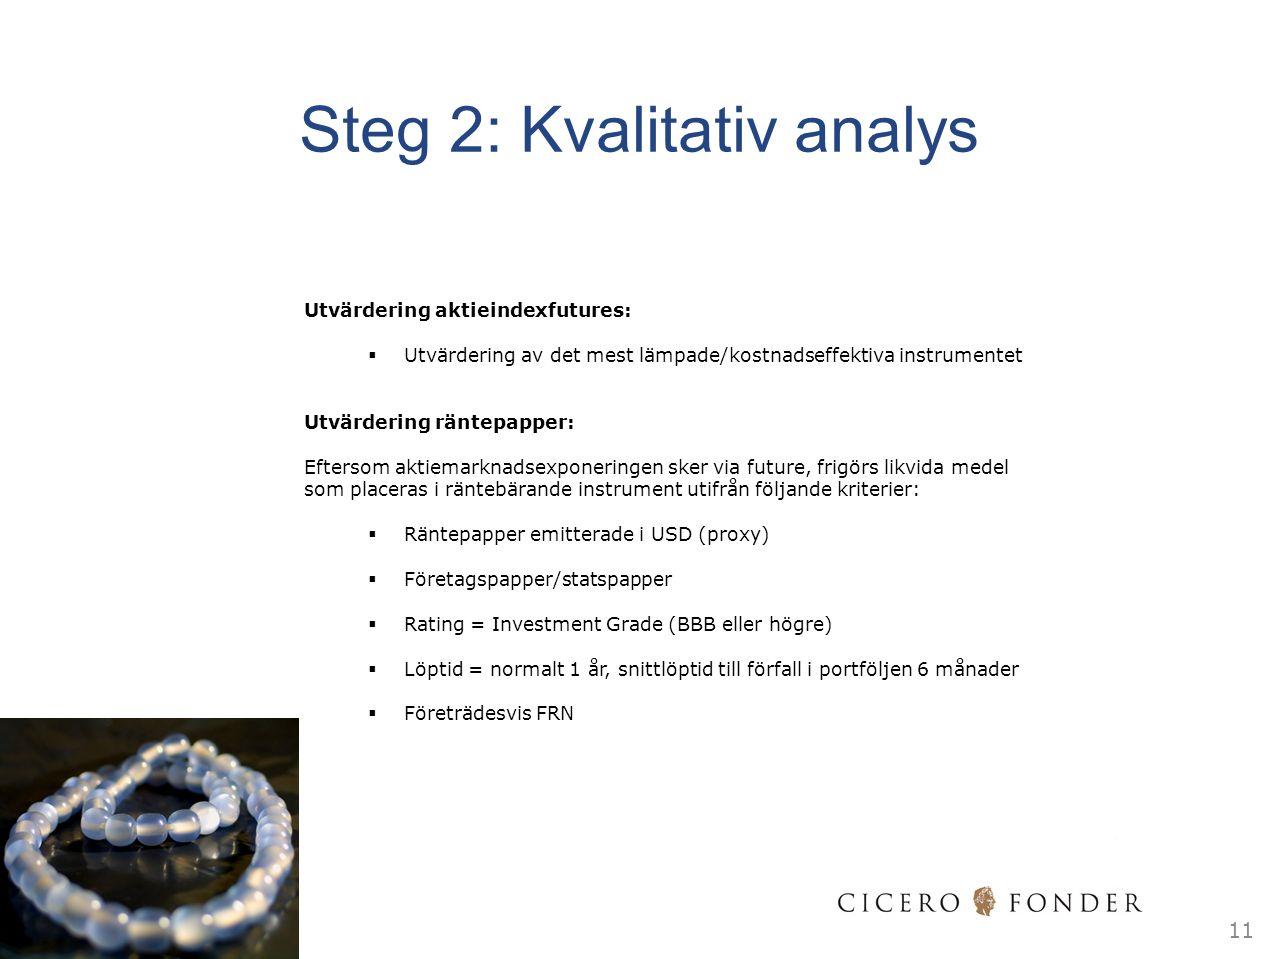 11 Utvärdering aktieindexfutures:  Utvärdering av det mest lämpade/kostnadseffektiva instrumentet Utvärdering räntepapper: Eftersom aktiemarknadsexponeringen sker via future, frigörs likvida medel som placeras i räntebärande instrument utifrån följande kriterier:  Räntepapper emitterade i USD (proxy)  Företagspapper/statspapper  Rating = Investment Grade (BBB eller högre)  Löptid = normalt 1 år, snittlöptid till förfall i portföljen 6 månader  Företrädesvis FRN Steg 2: Kvalitativ analys